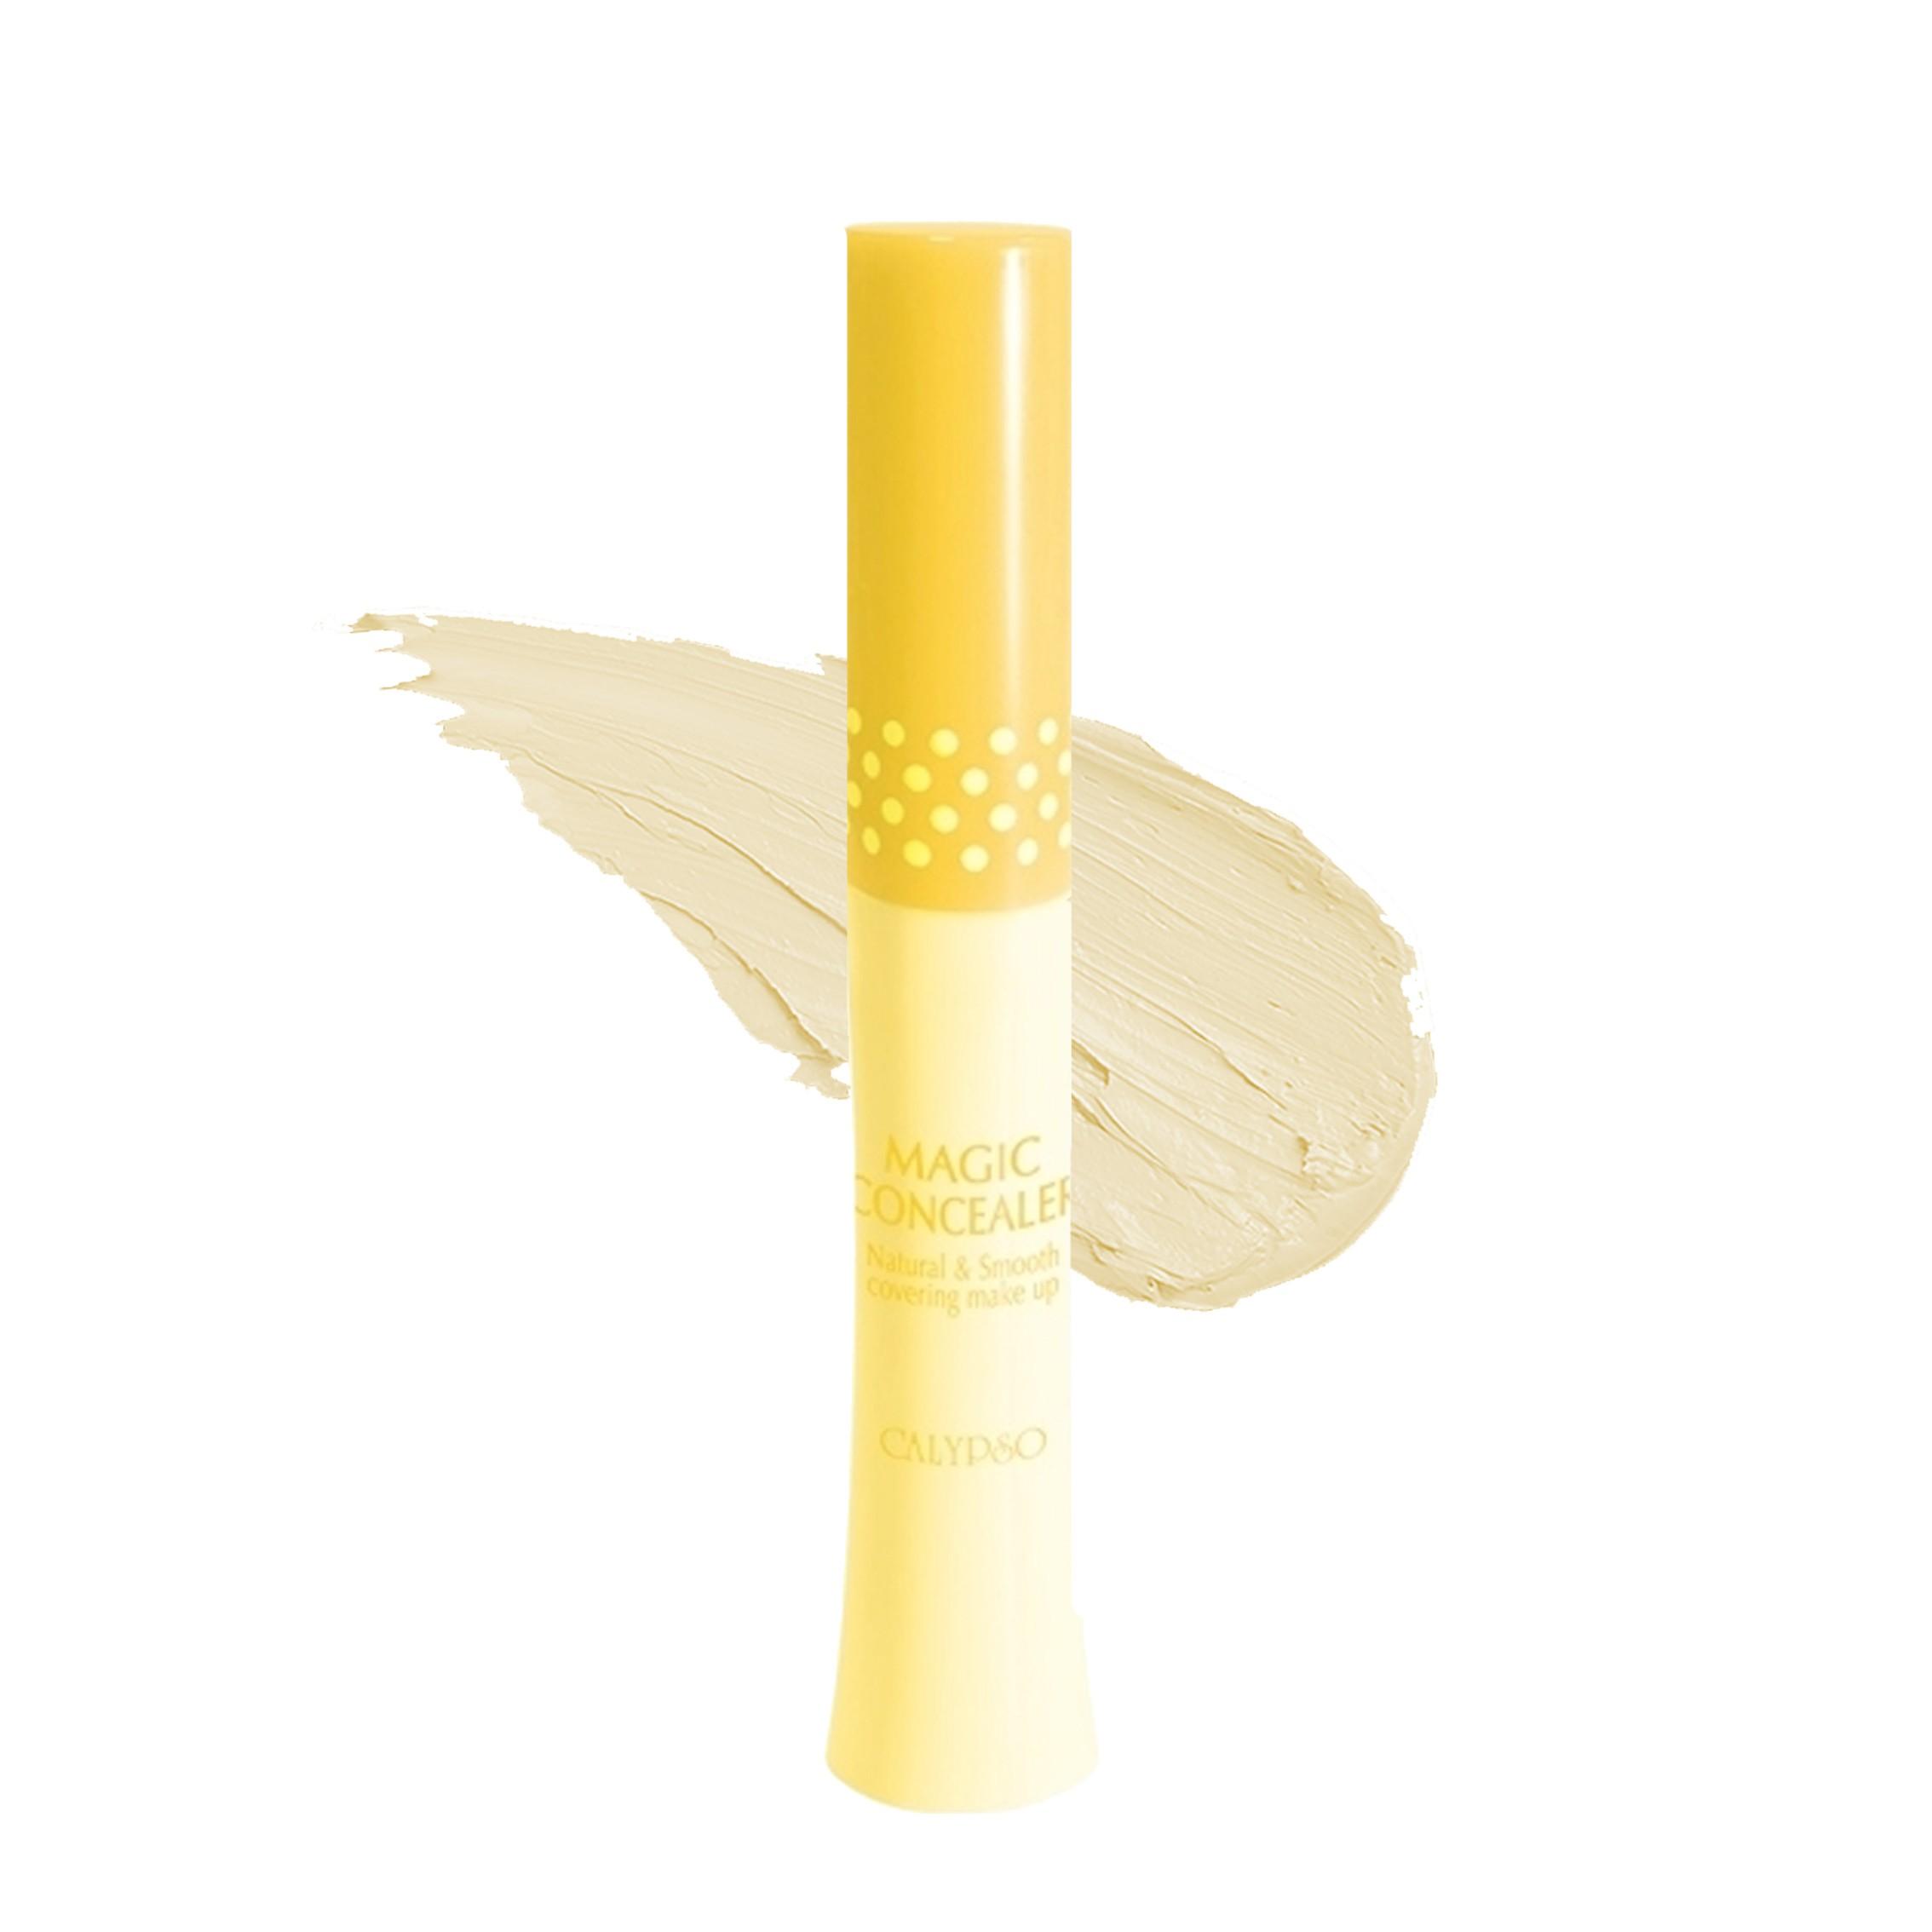 Calypso Magic Concealer Yellow Beige